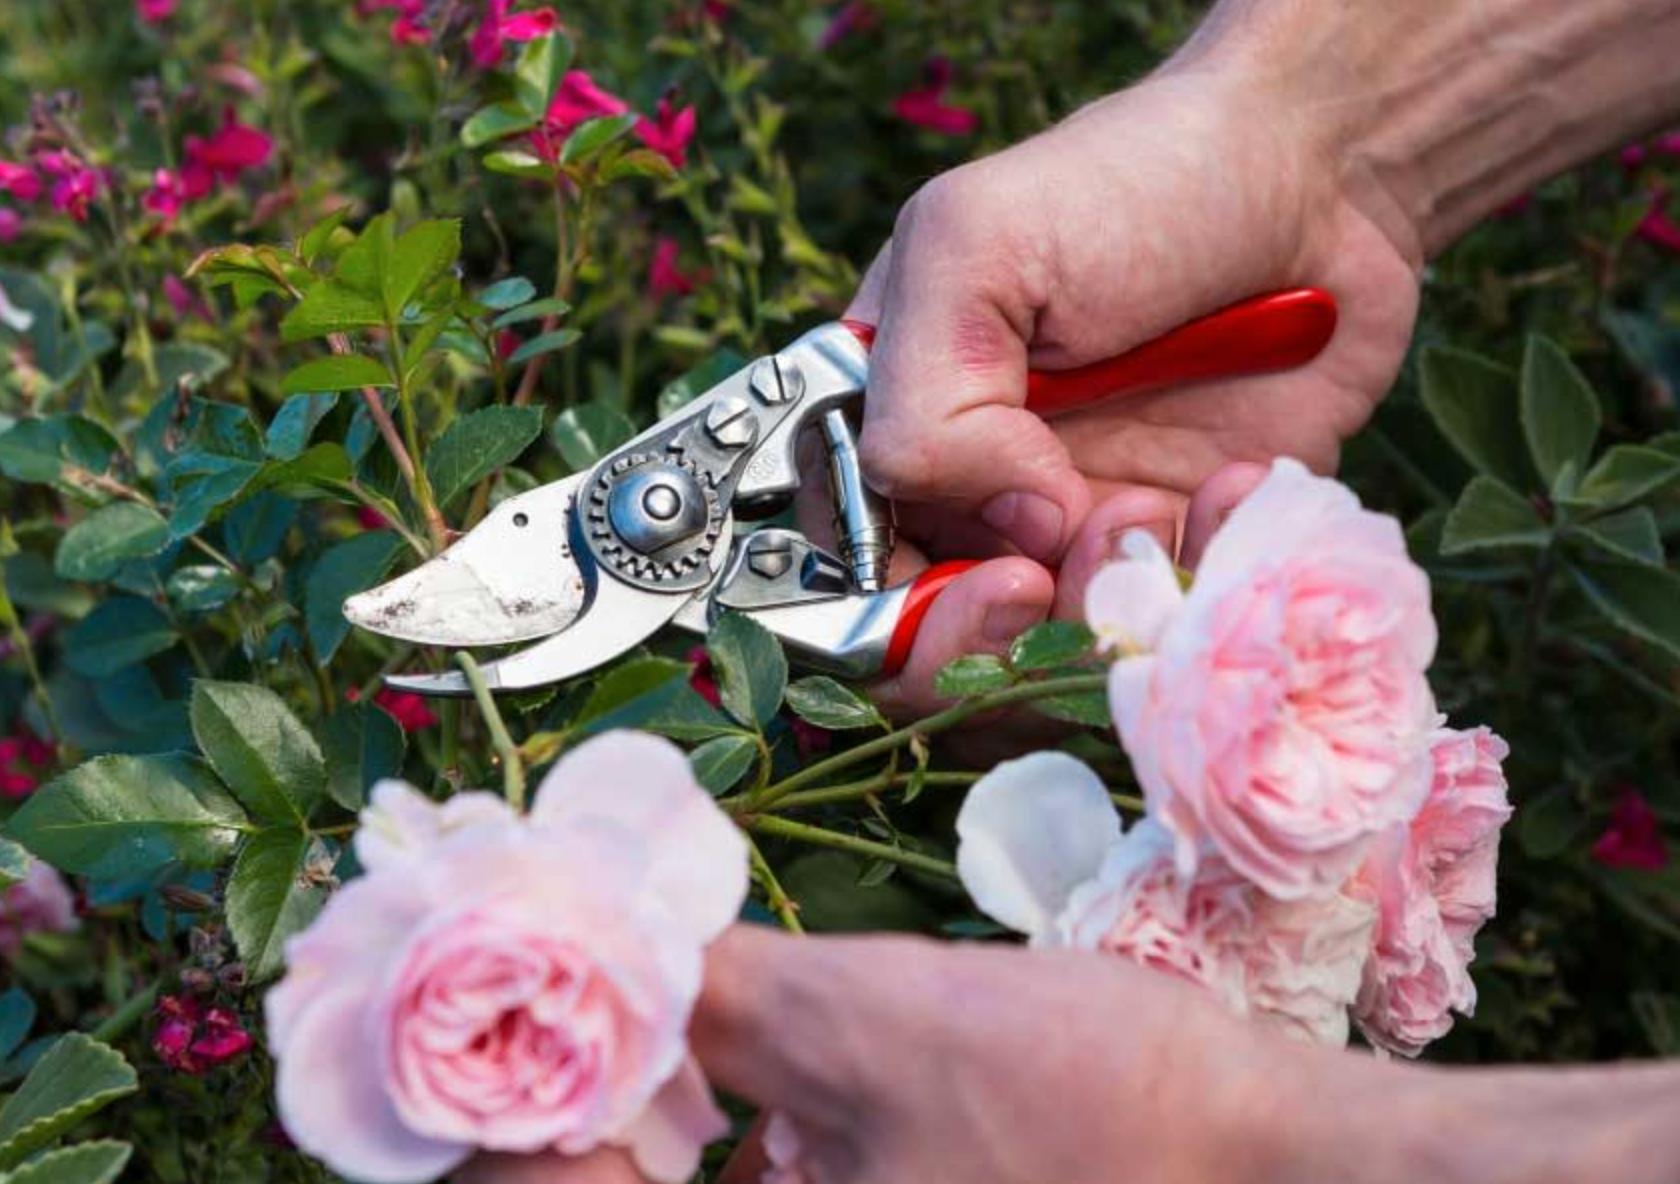 Med en bra sekatör blir det lätt att beskära växter i trädgården.